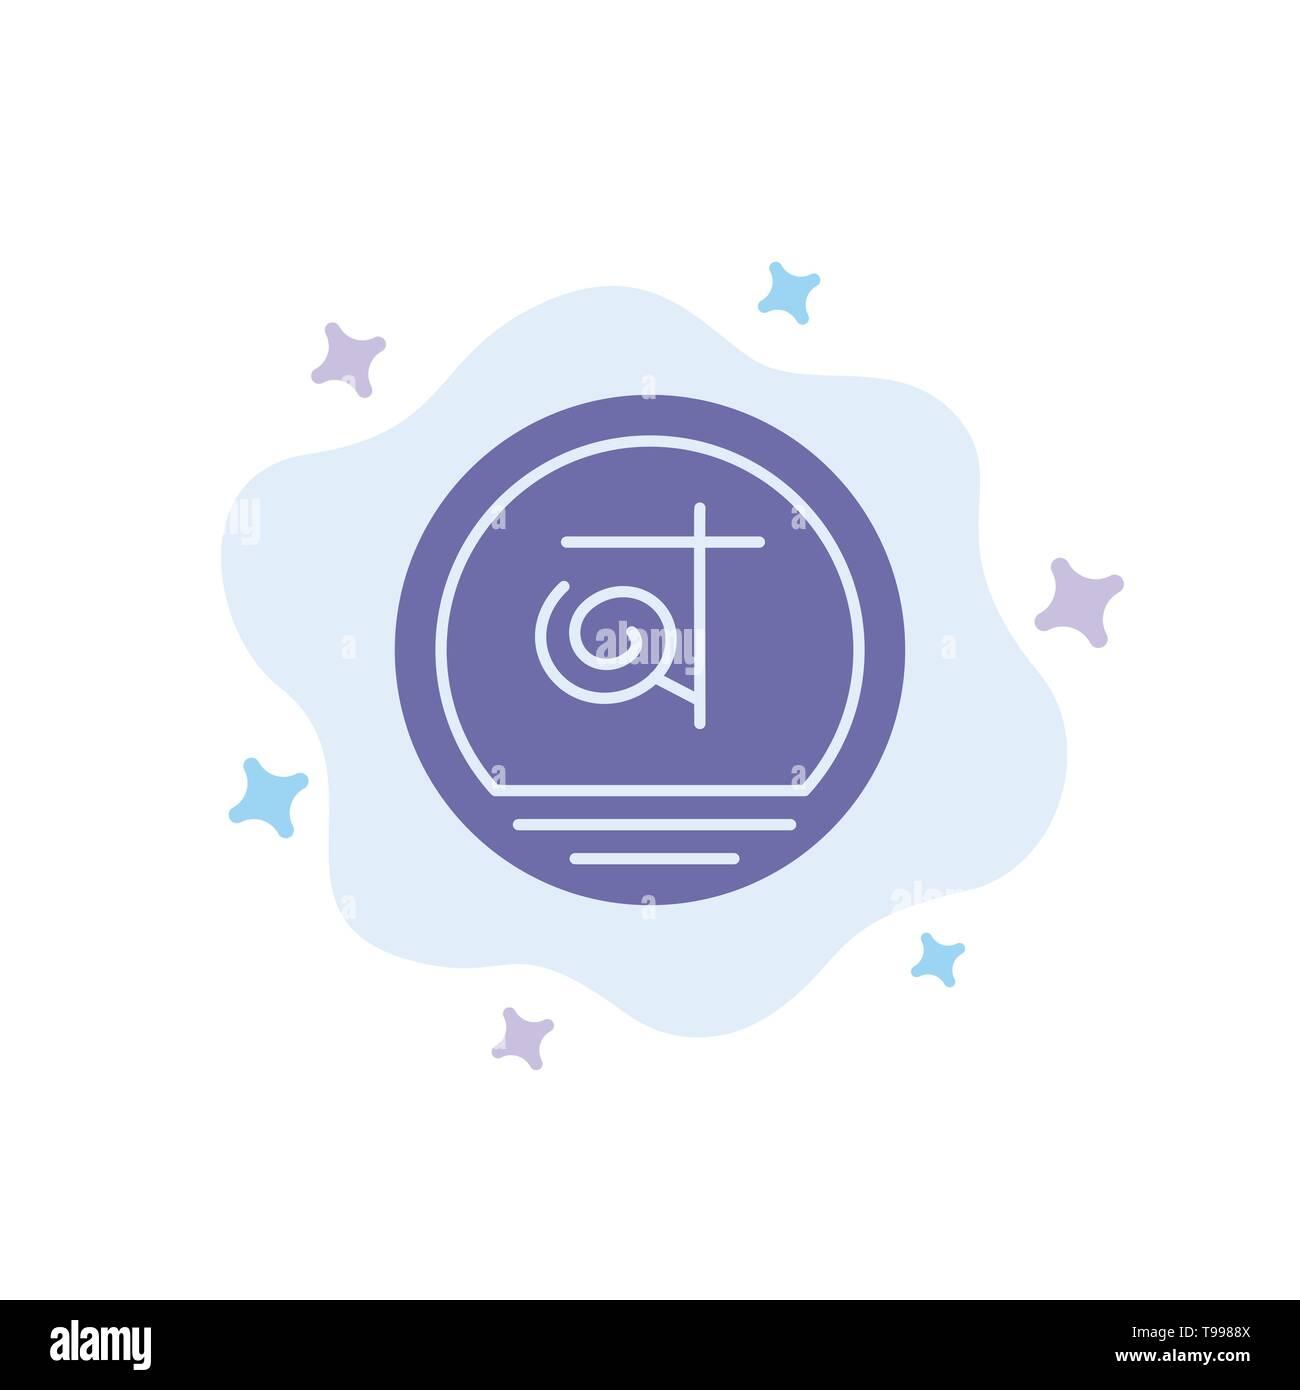 Bangla, Bangladesh, Bangladeshi, Business Blue Icon on Abstract Cloud Background - Stock Image